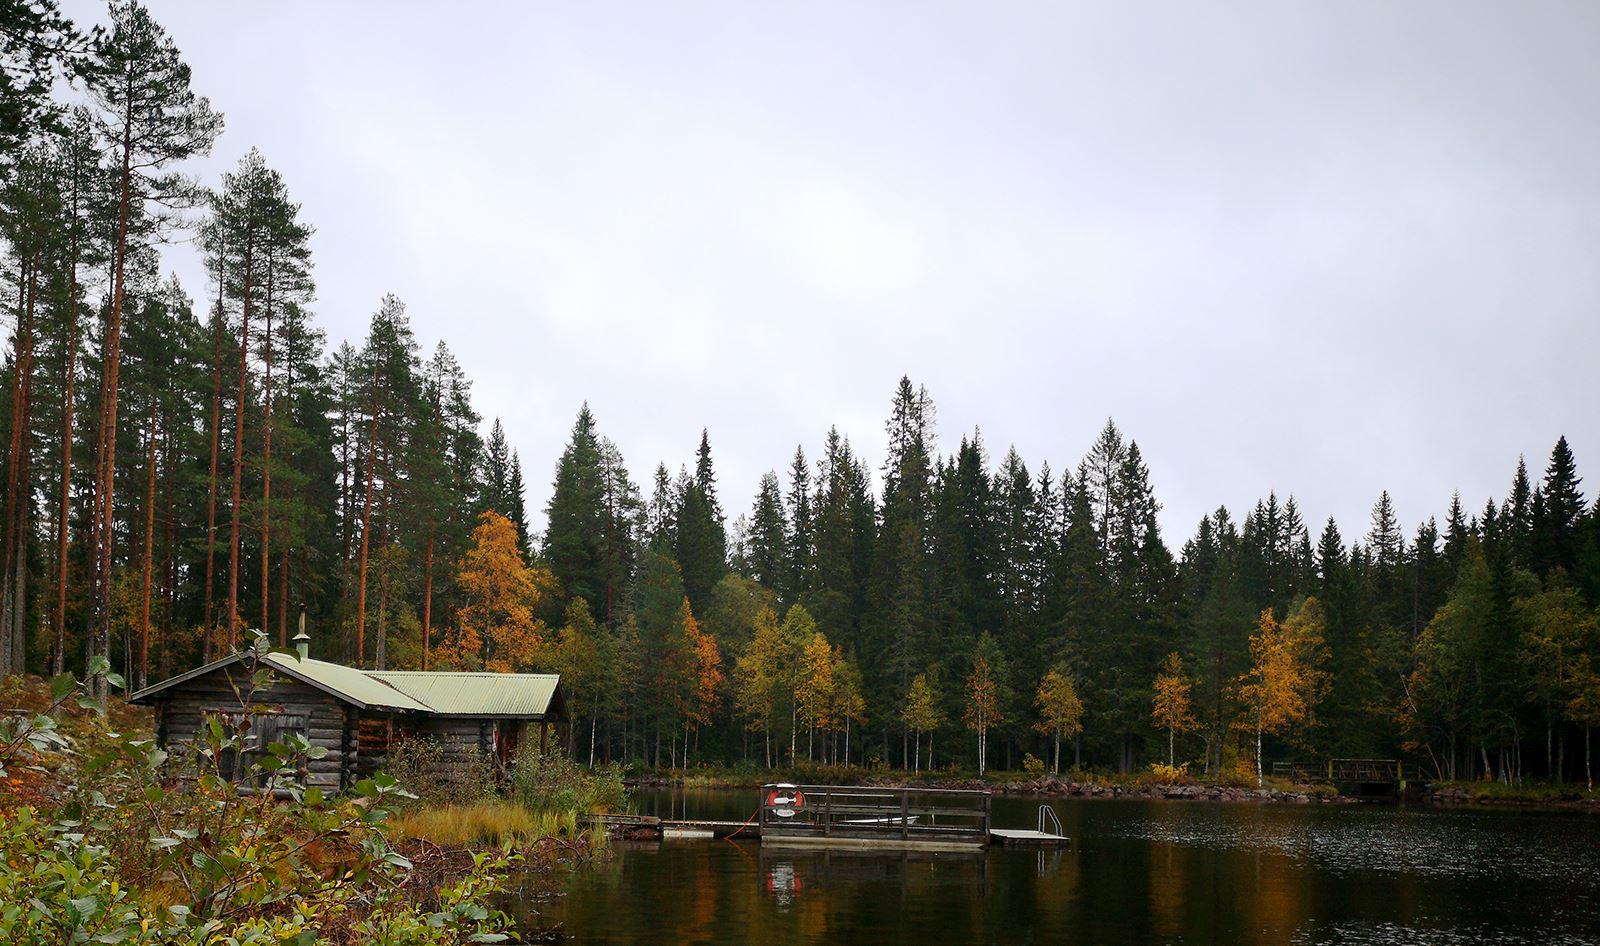 © Navardalen, Navardalens Vildmarksstation, STF Vandrarhem